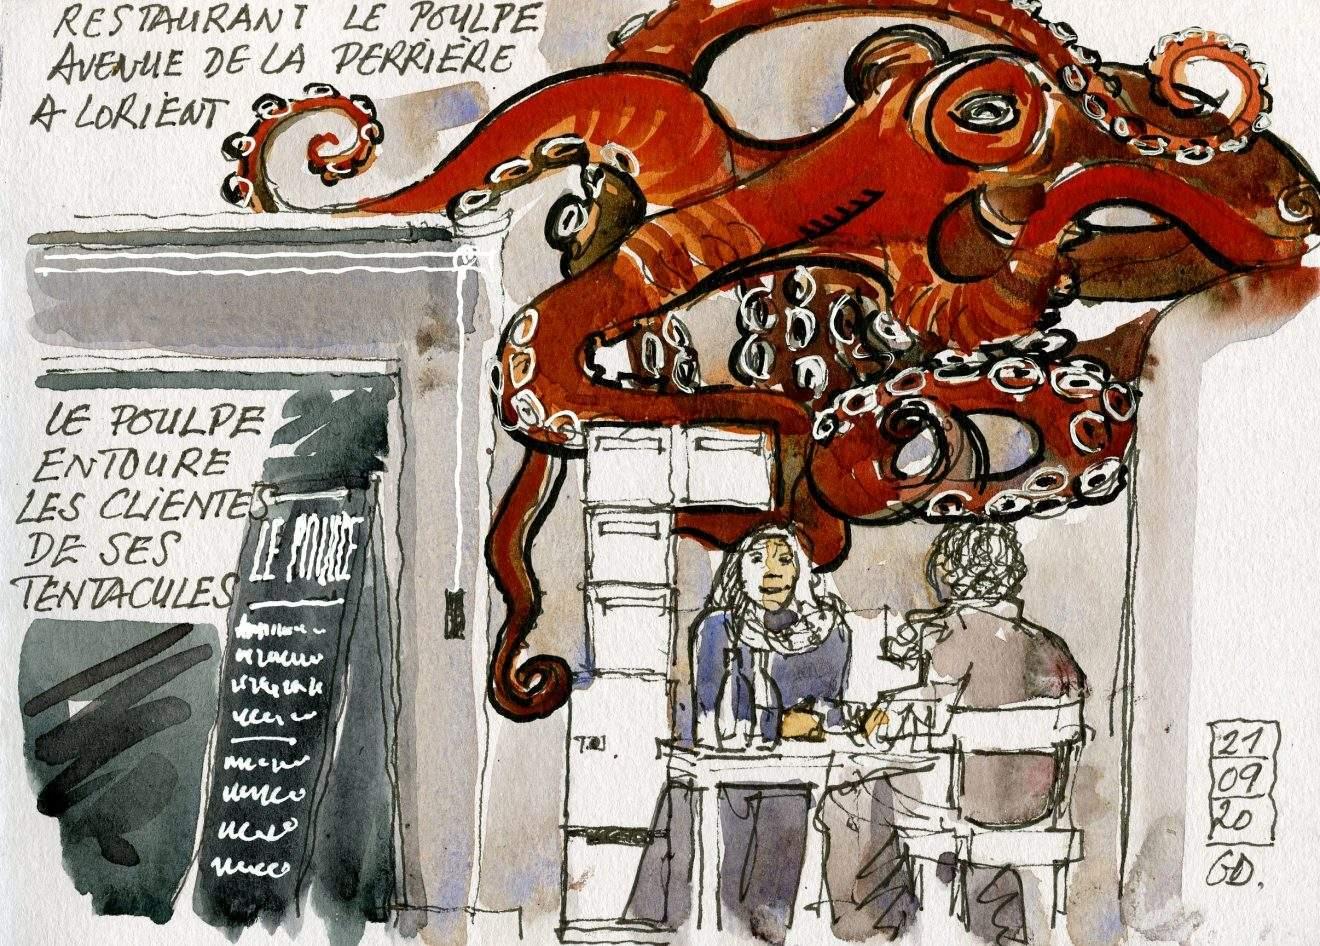 Gerard Darris - Lorient - Restaurant le Poulpe - 21 09 2020